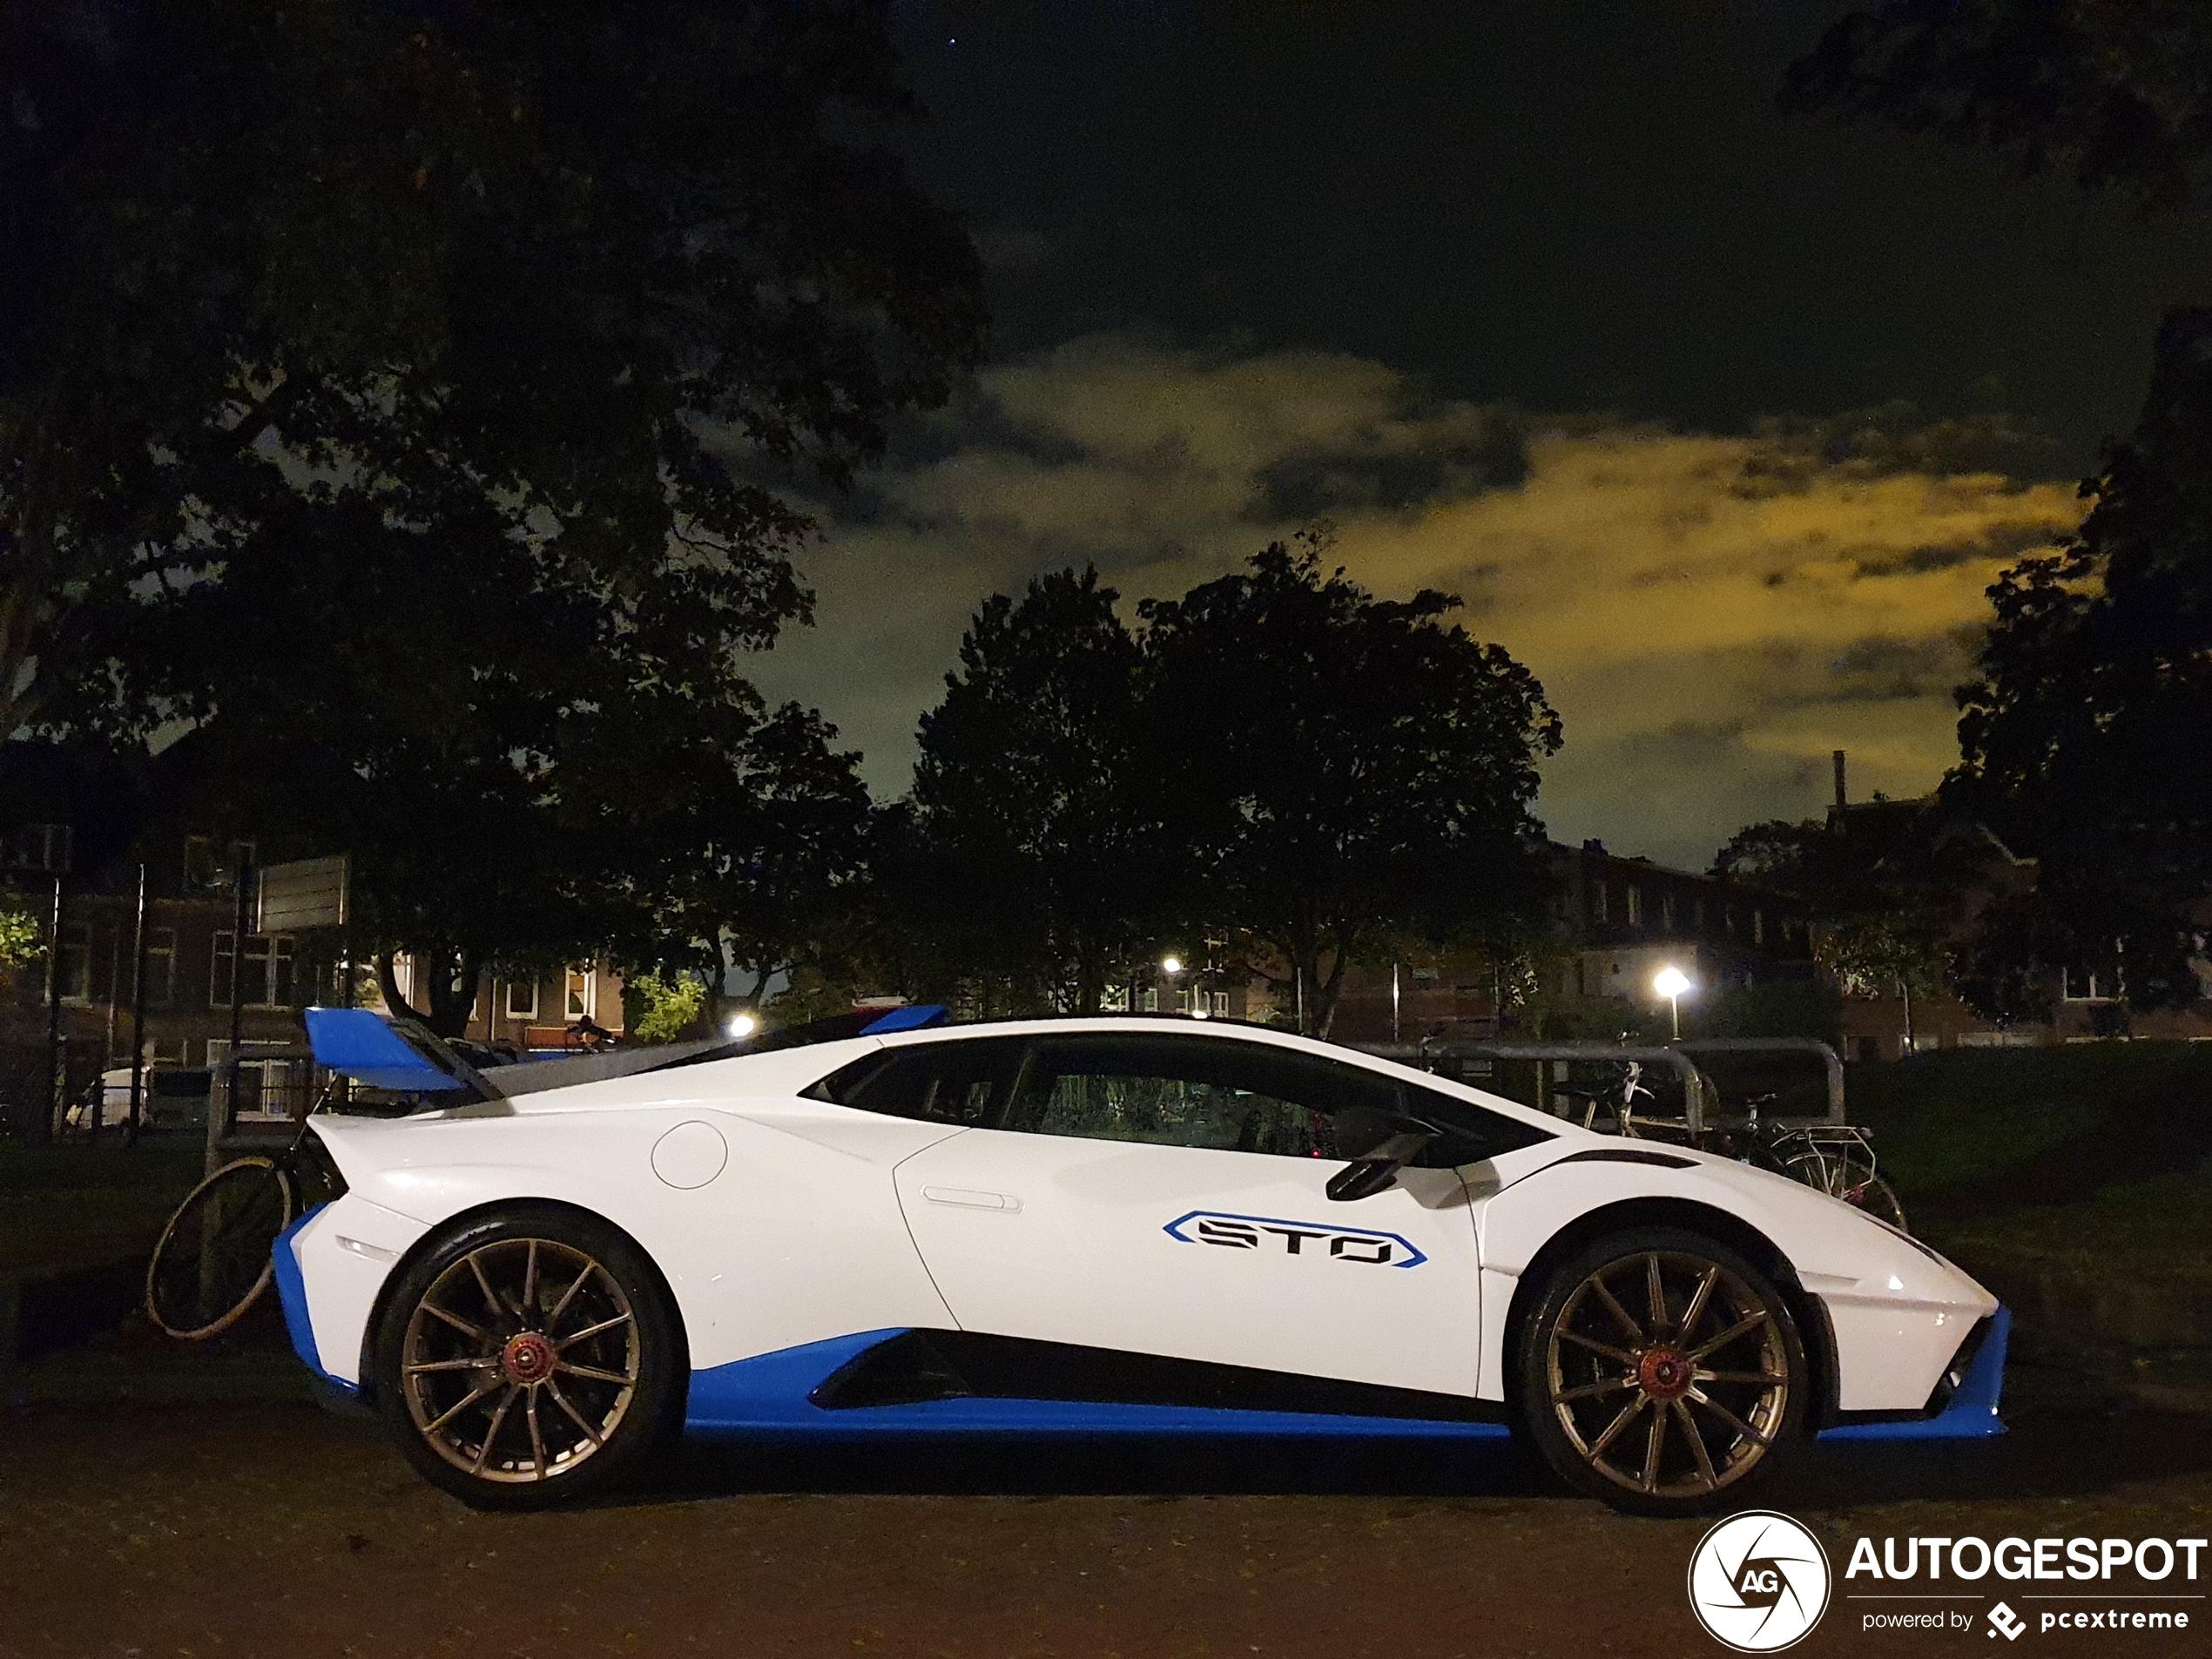 Deze Lamborghini Huracán LP640-2 STO verblijft tijdelijk in Nederland